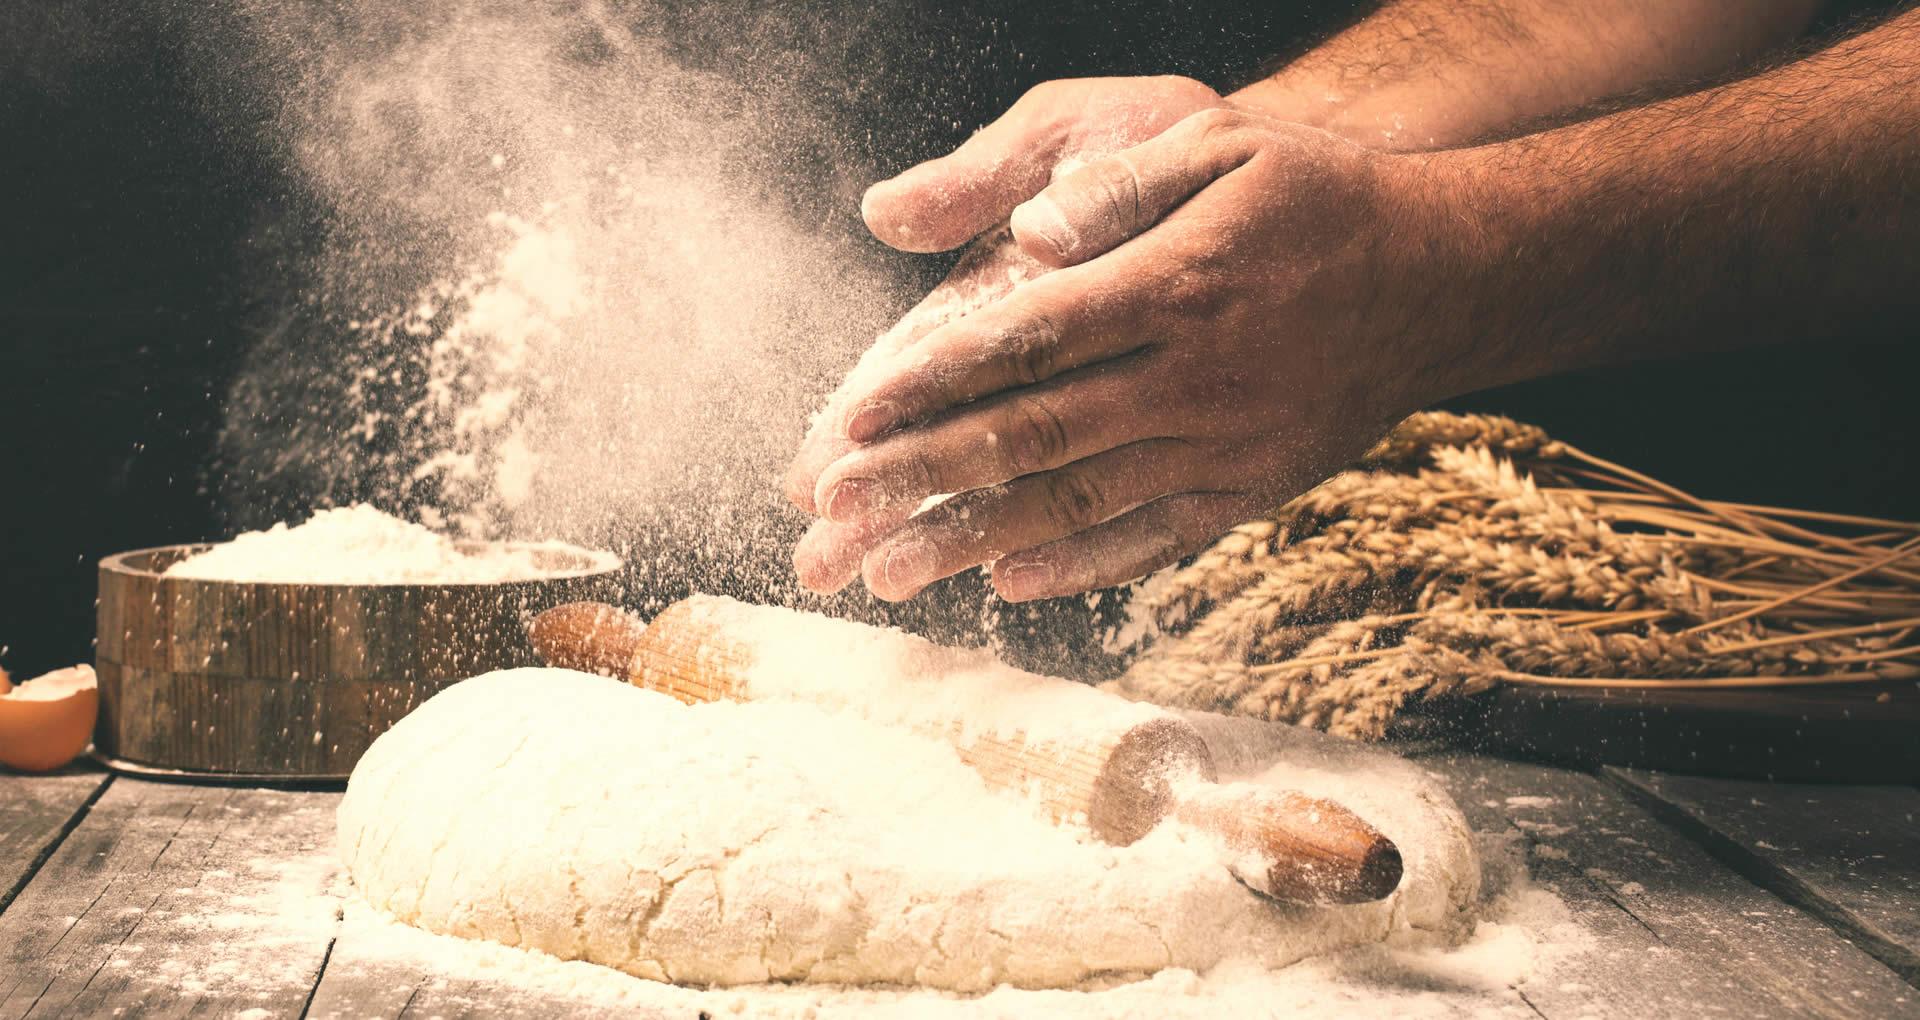 Bäckereihandwerk - Handarbeit